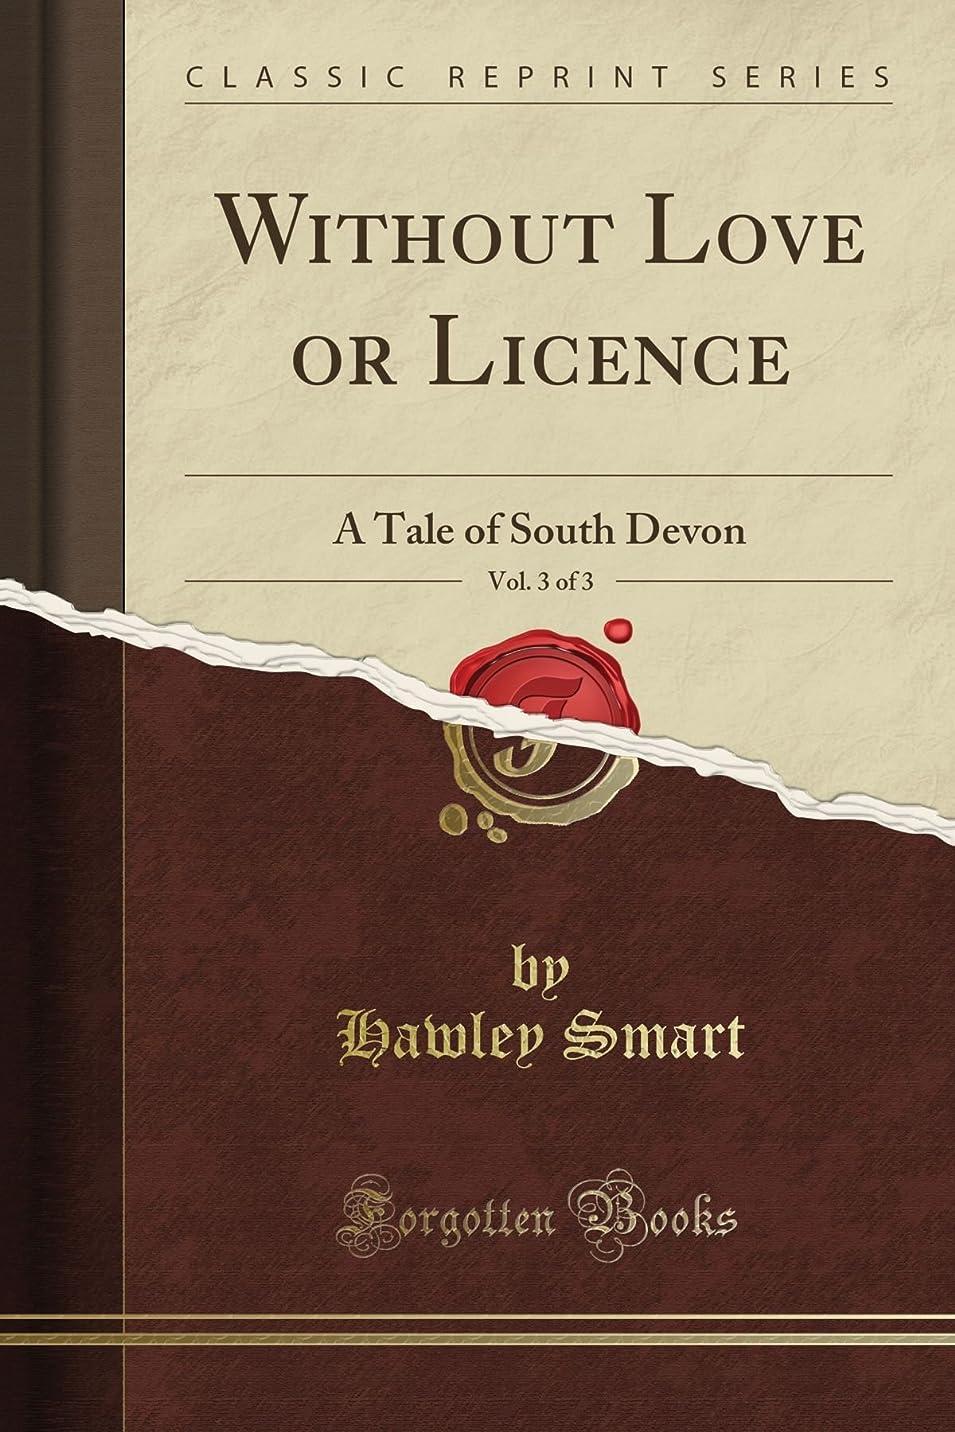 くちばし海岸吸収するWithout Love or Licence: A Tale of South Devon, Vol. 3 of 3 (Classic Reprint)